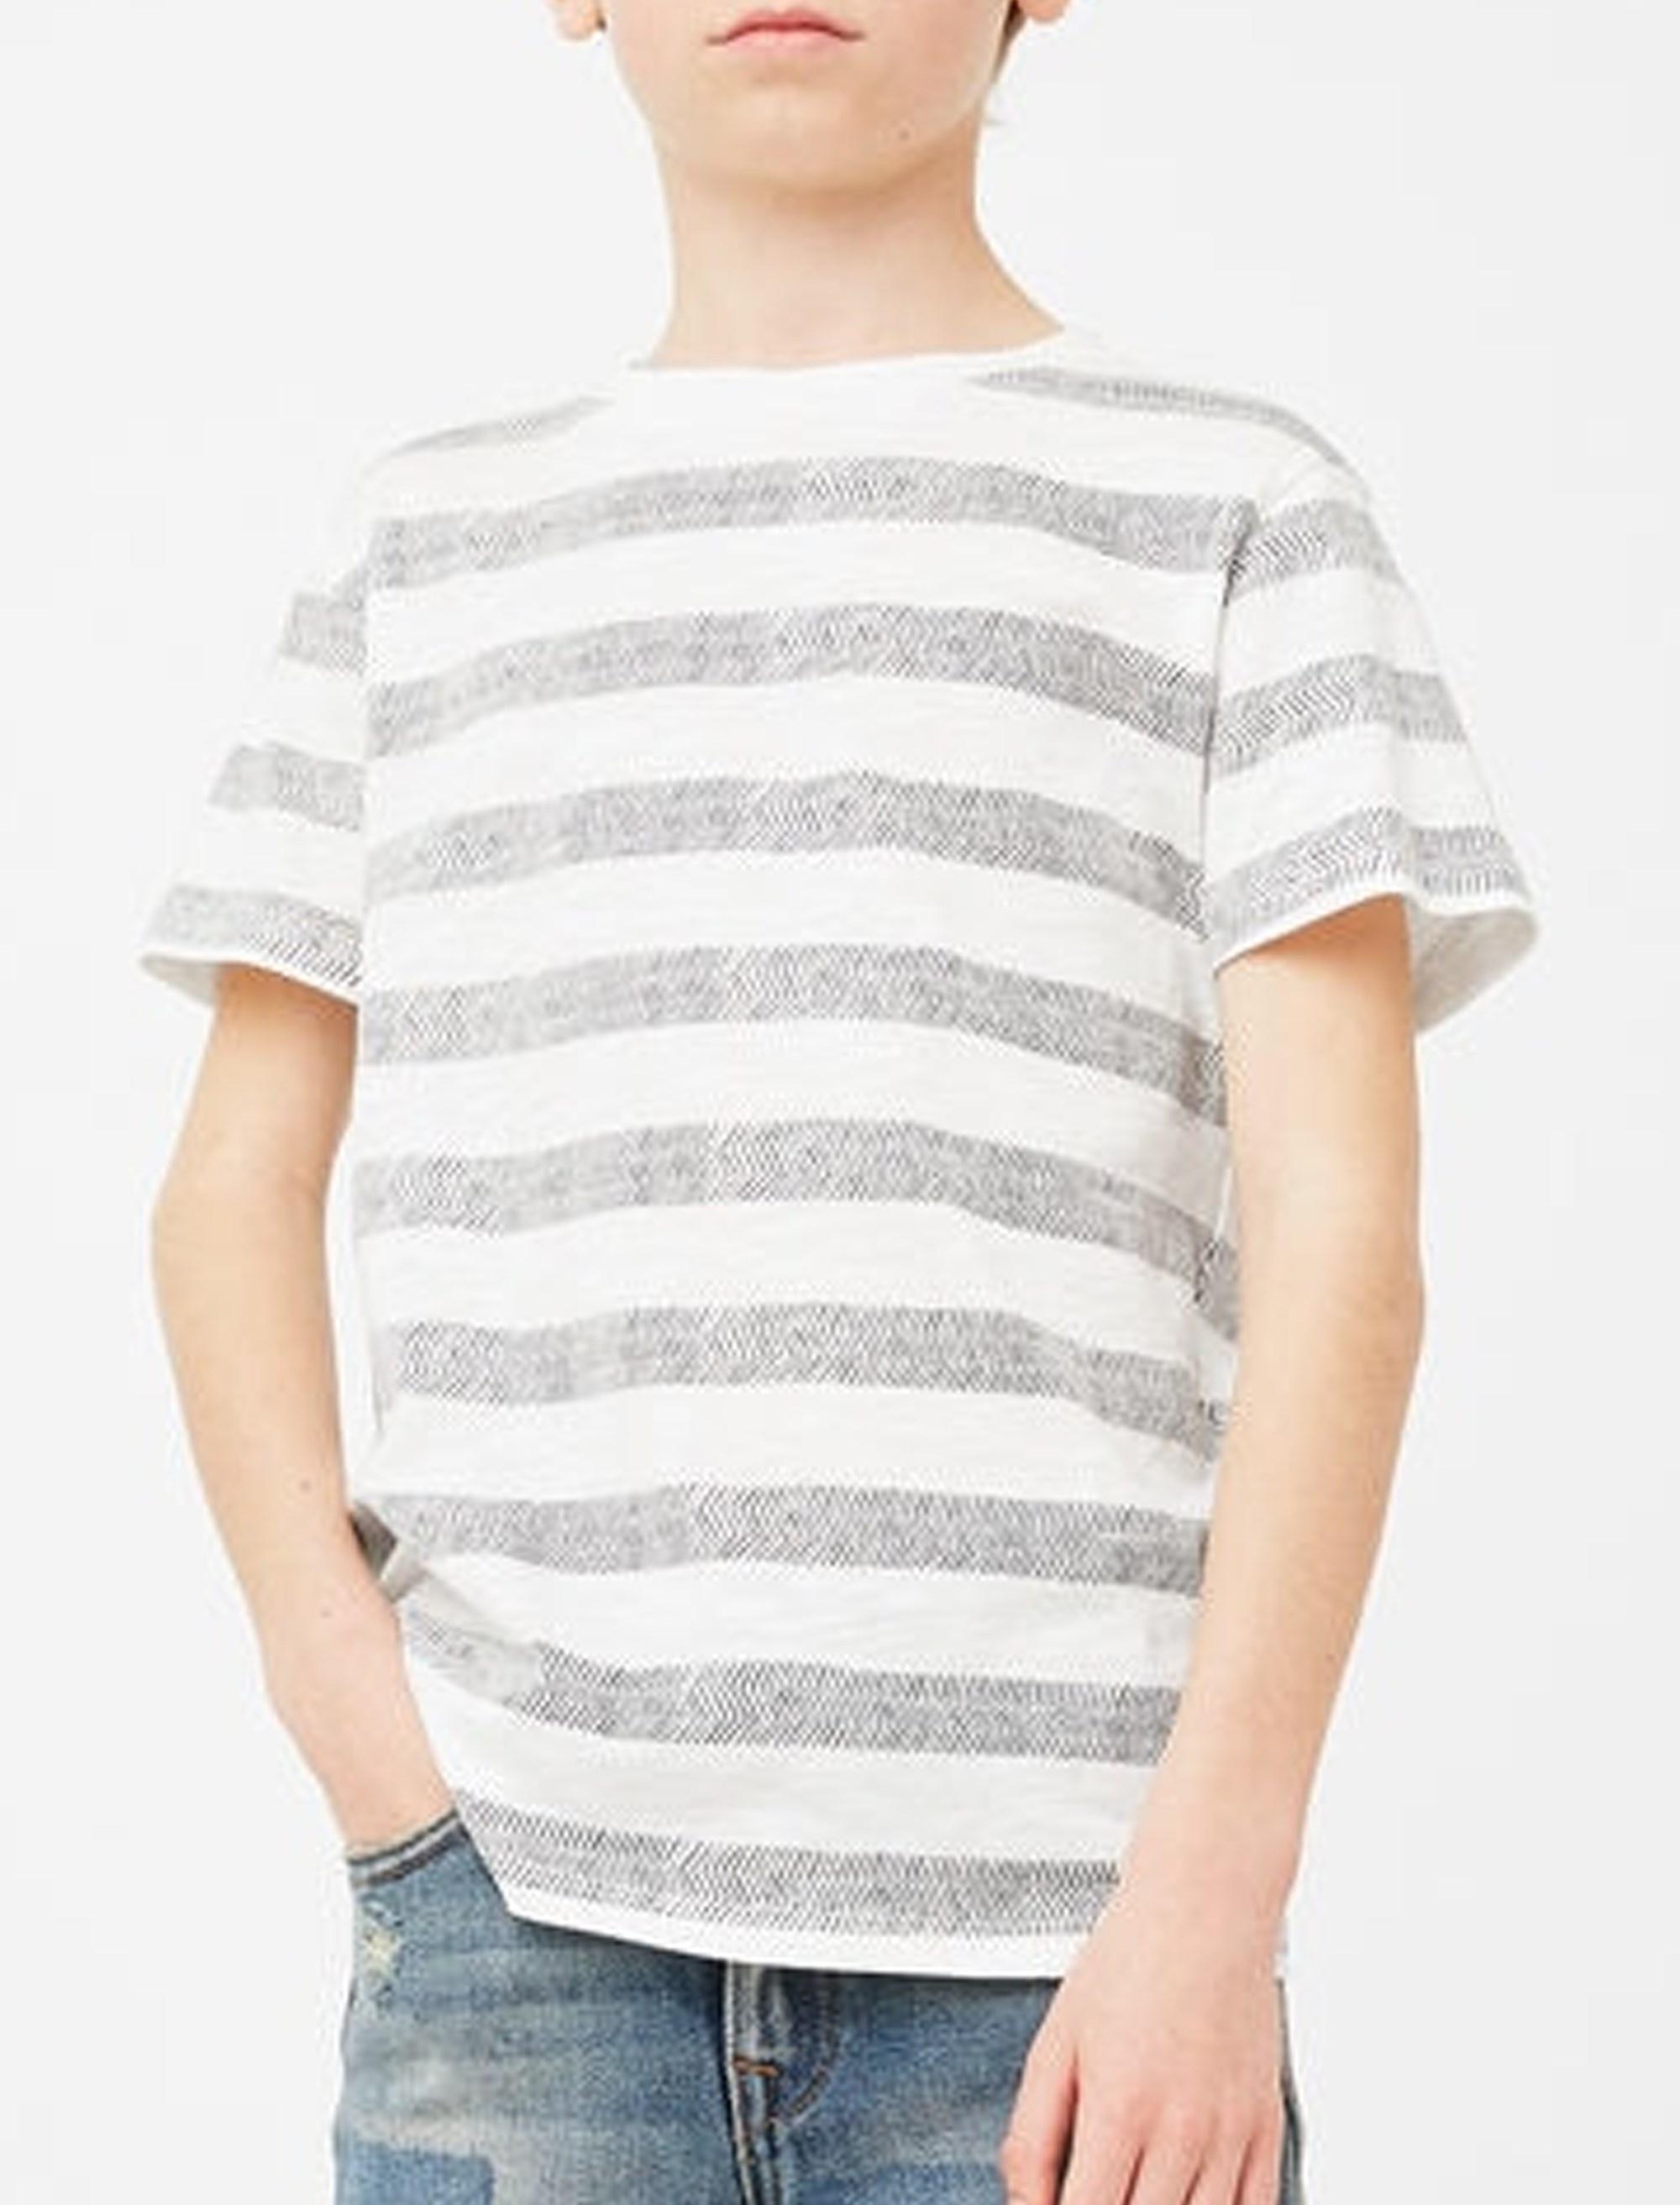 تی شرت نخی آستین کوتاه پسرانه - مانگو - سفيد و طوسي - 3